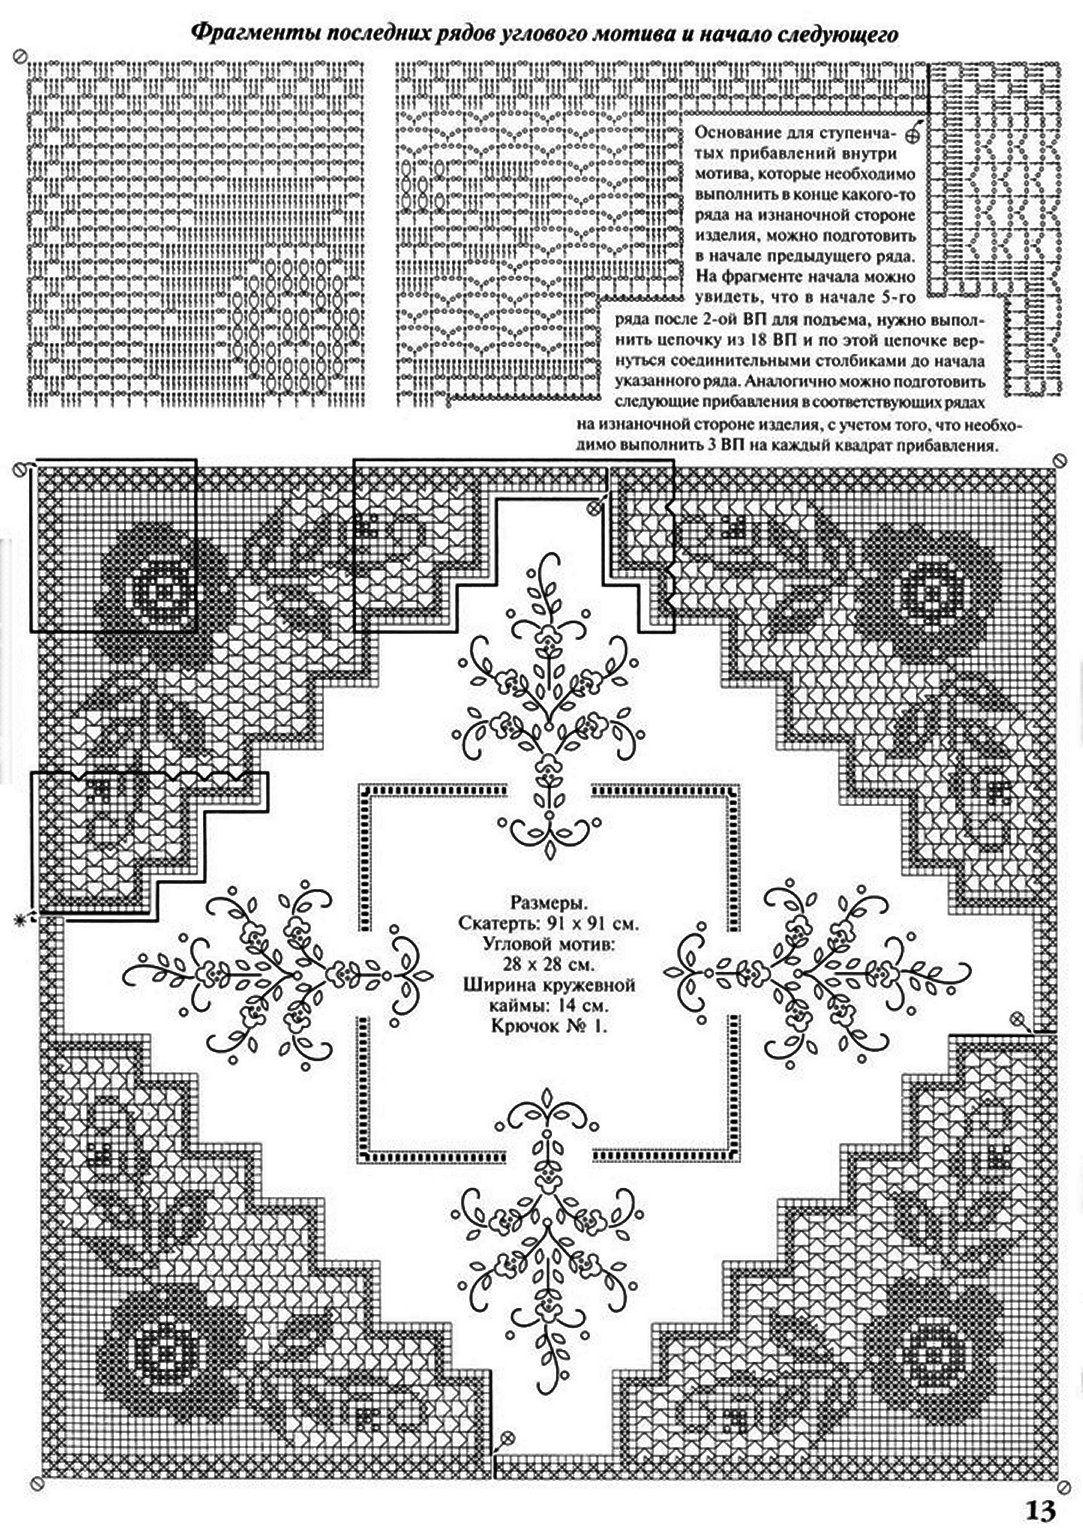 Sabriye Kara Adli Kullanicinin Igne Isi Panosundaki Pin Filet Crochet Orme Kenar Susleri Kanavice Ornekleri